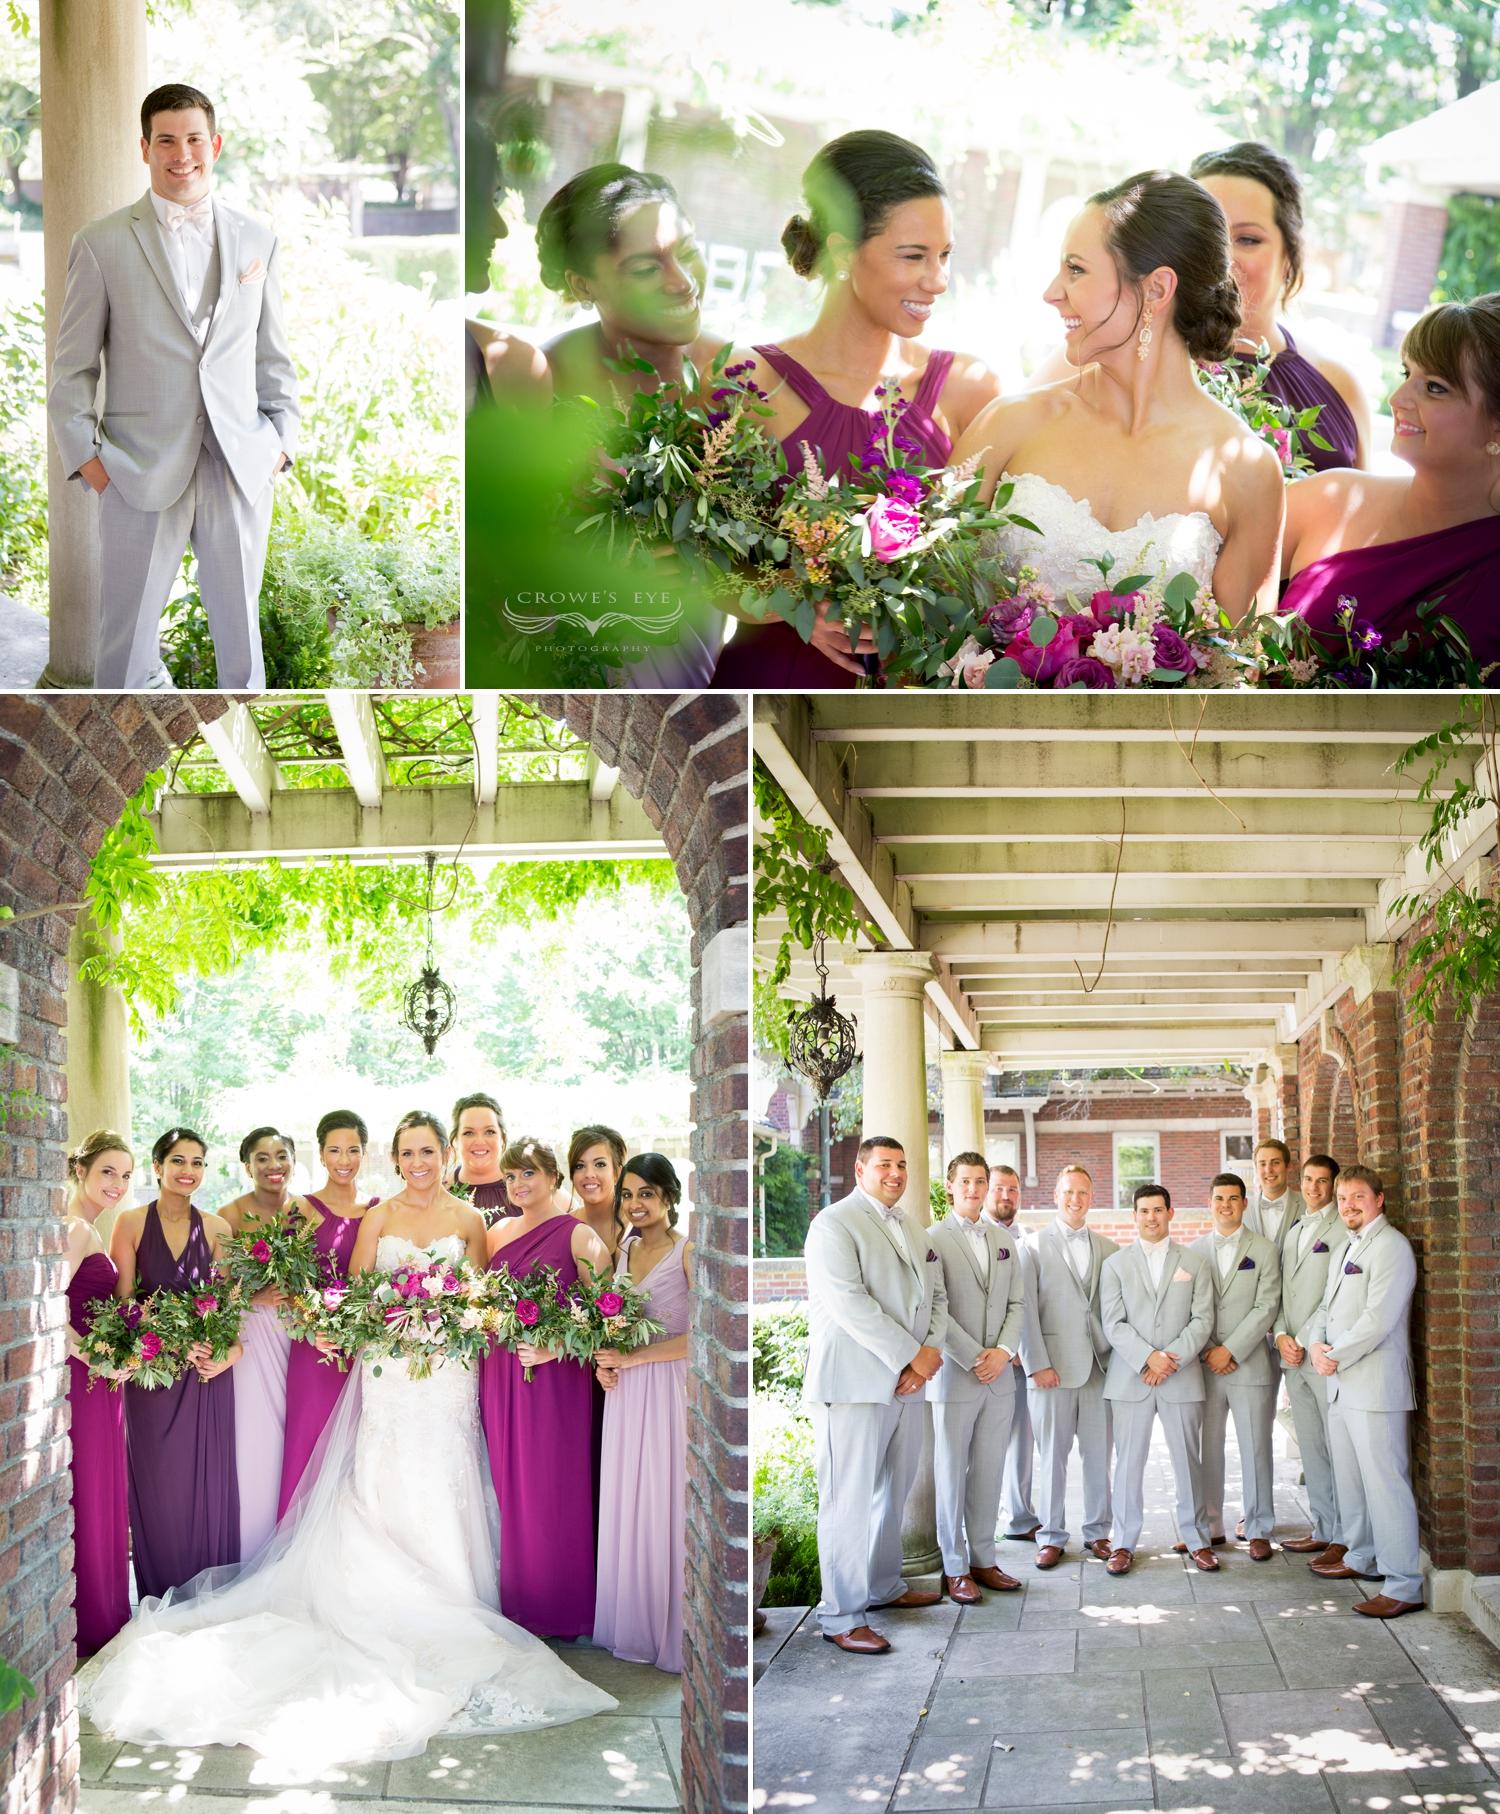 Columbus IN weddings